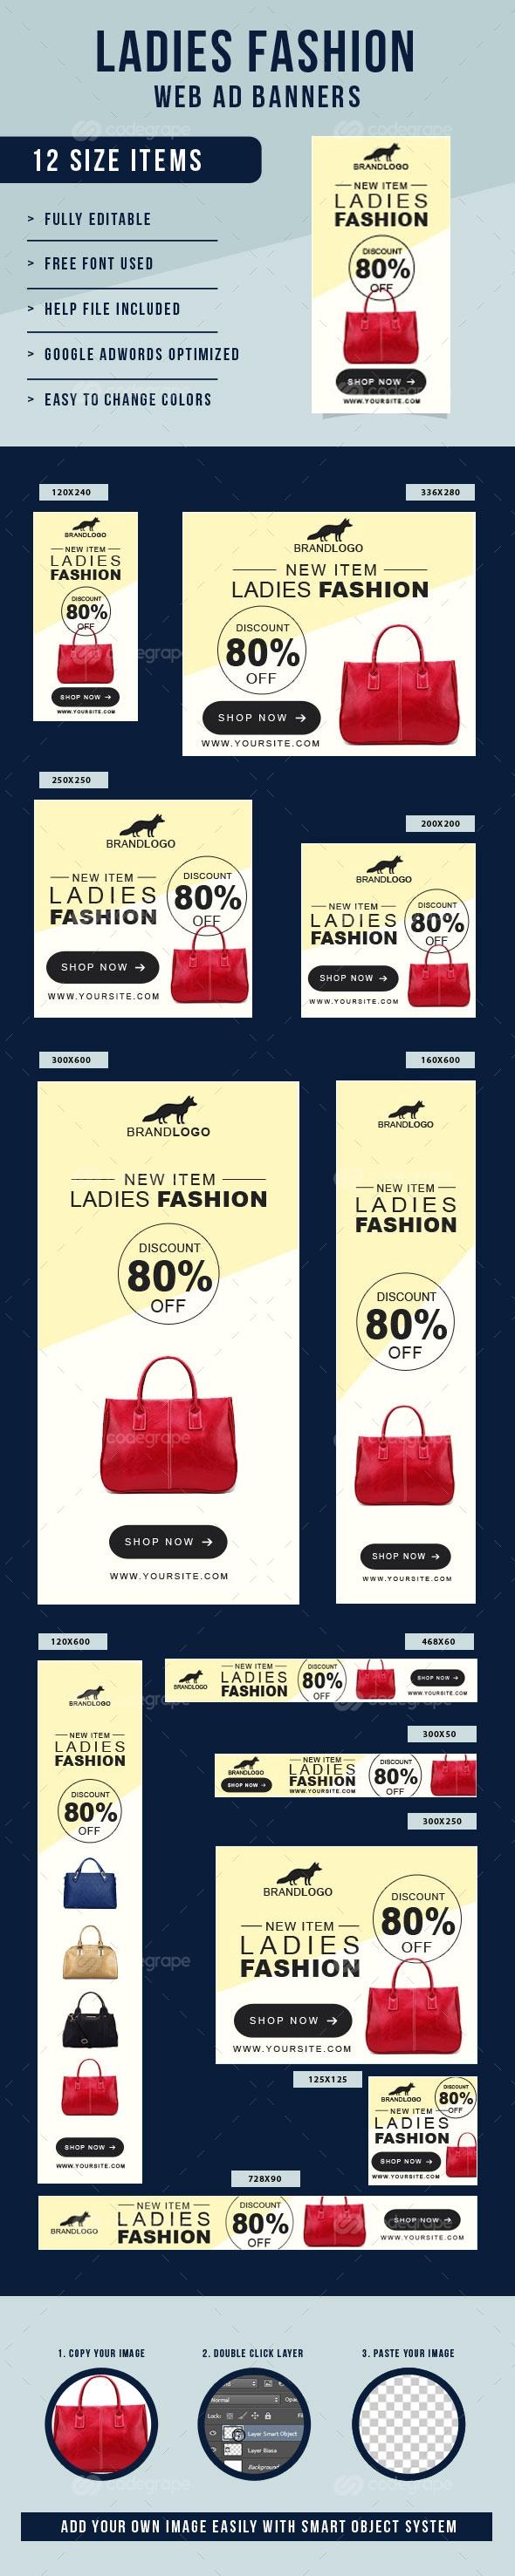 Ladies Fashion Web Ad Banners